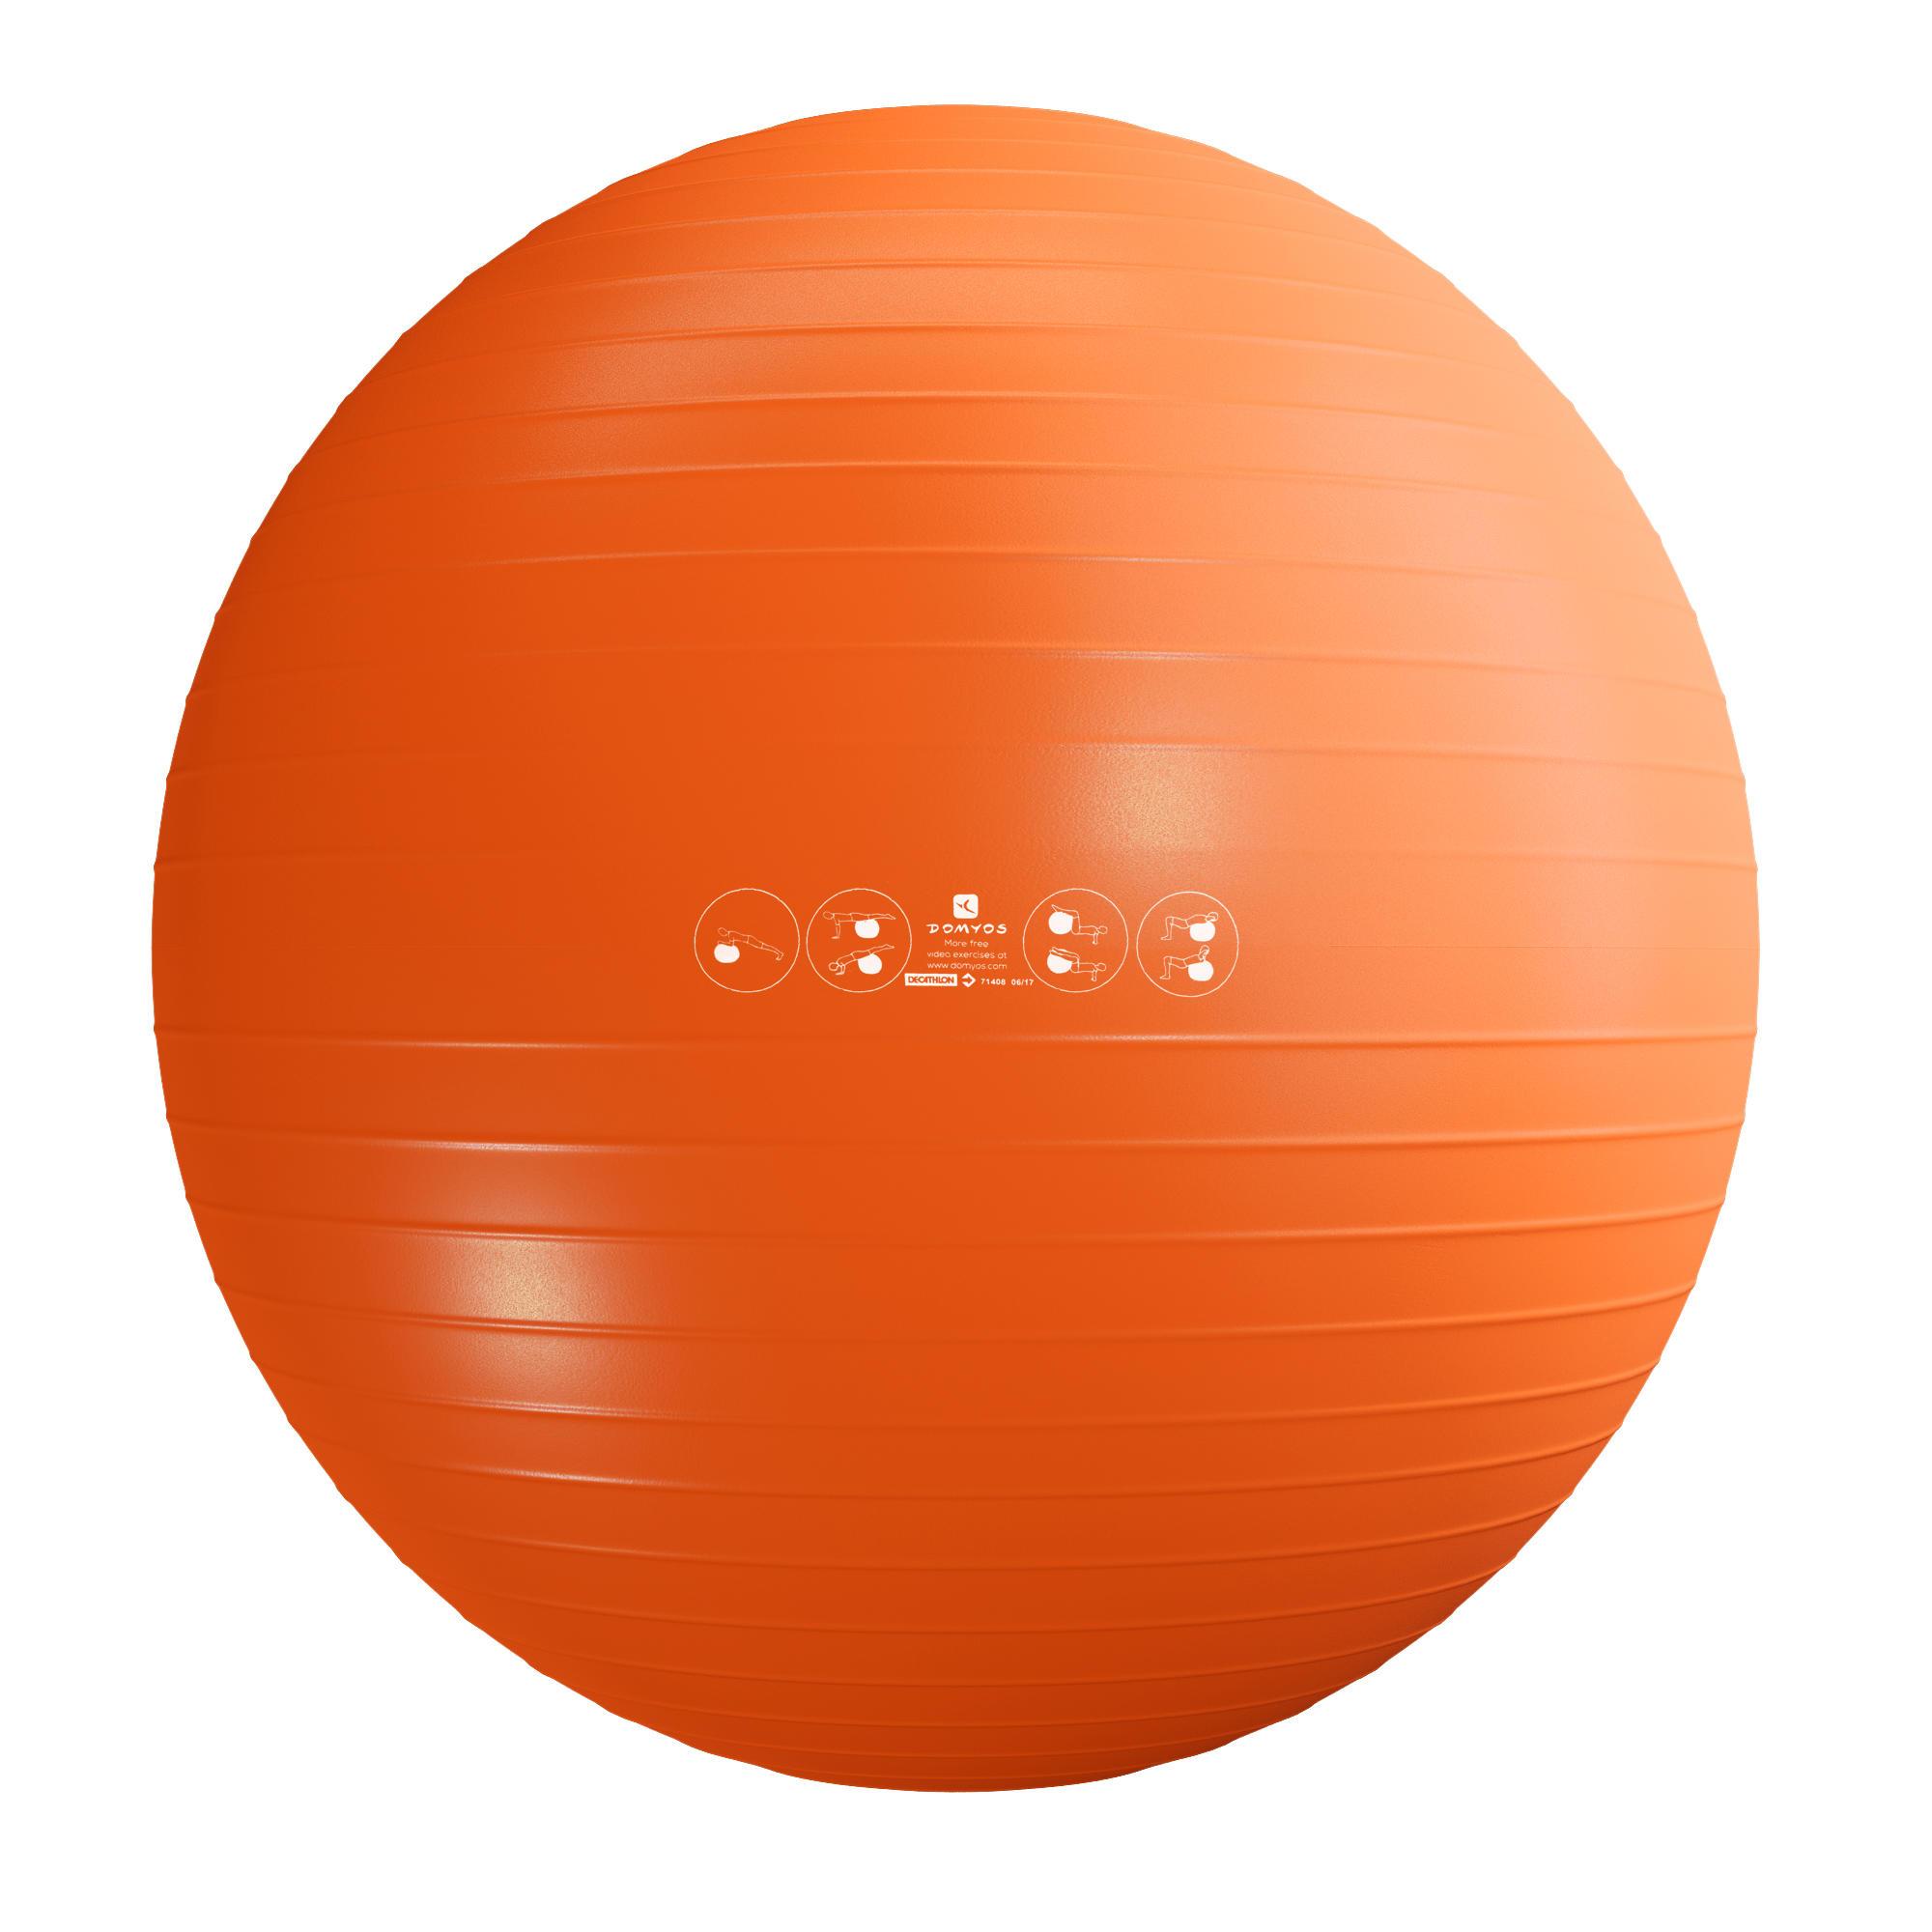 ลูกบอลบริหารร่างกาย...